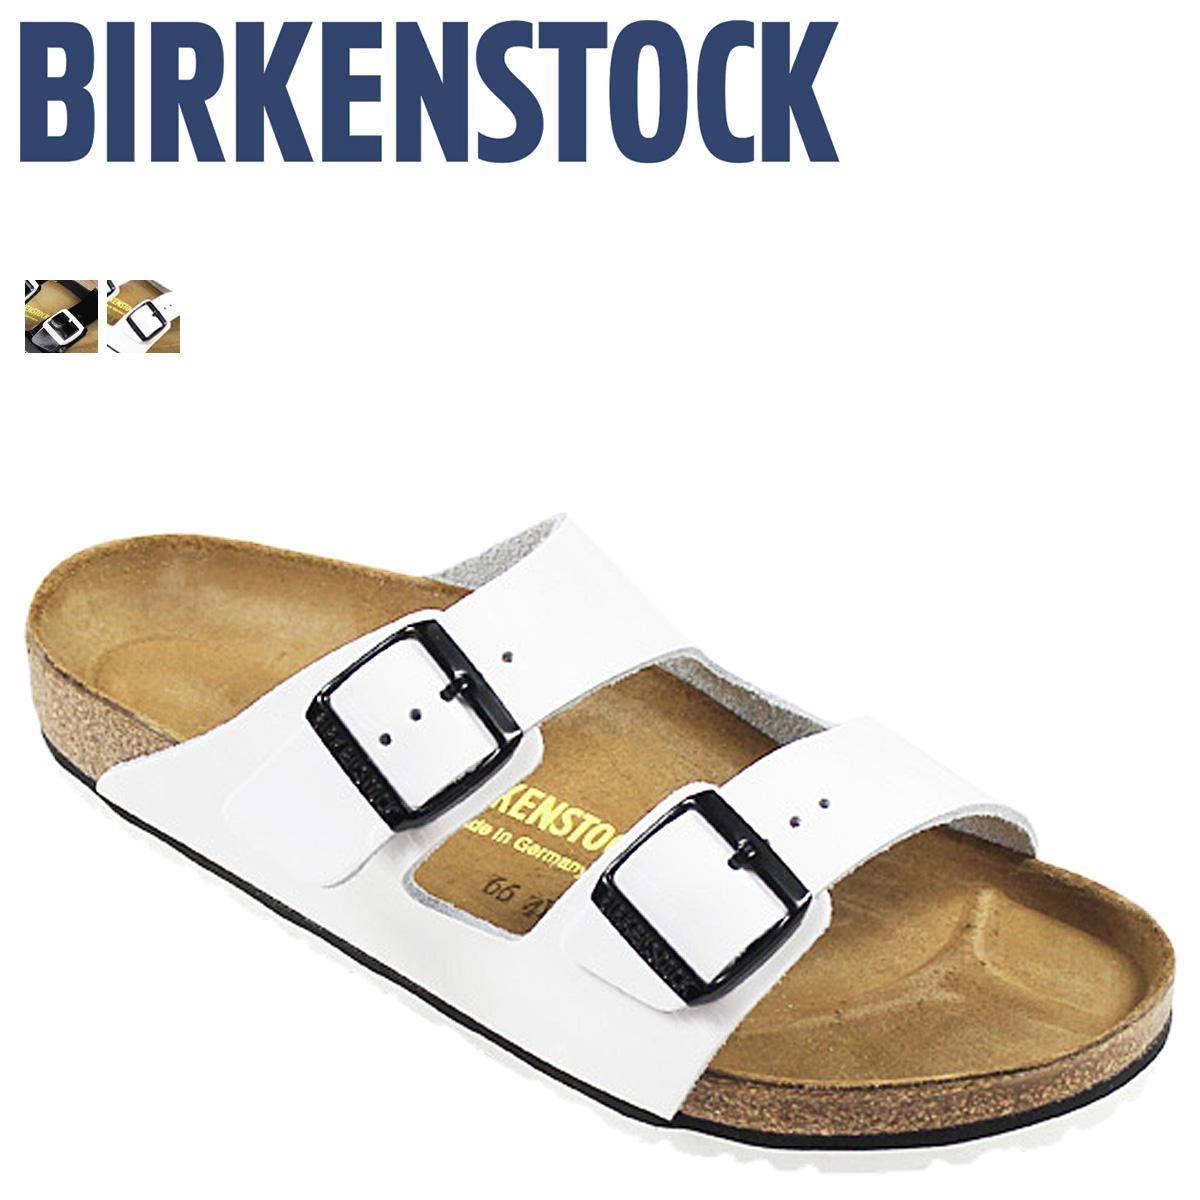 5f6de3b91a69 BIRKENSTOCK-Birkenstock Arizona vilken Sandals usually wide ARIZONA mens